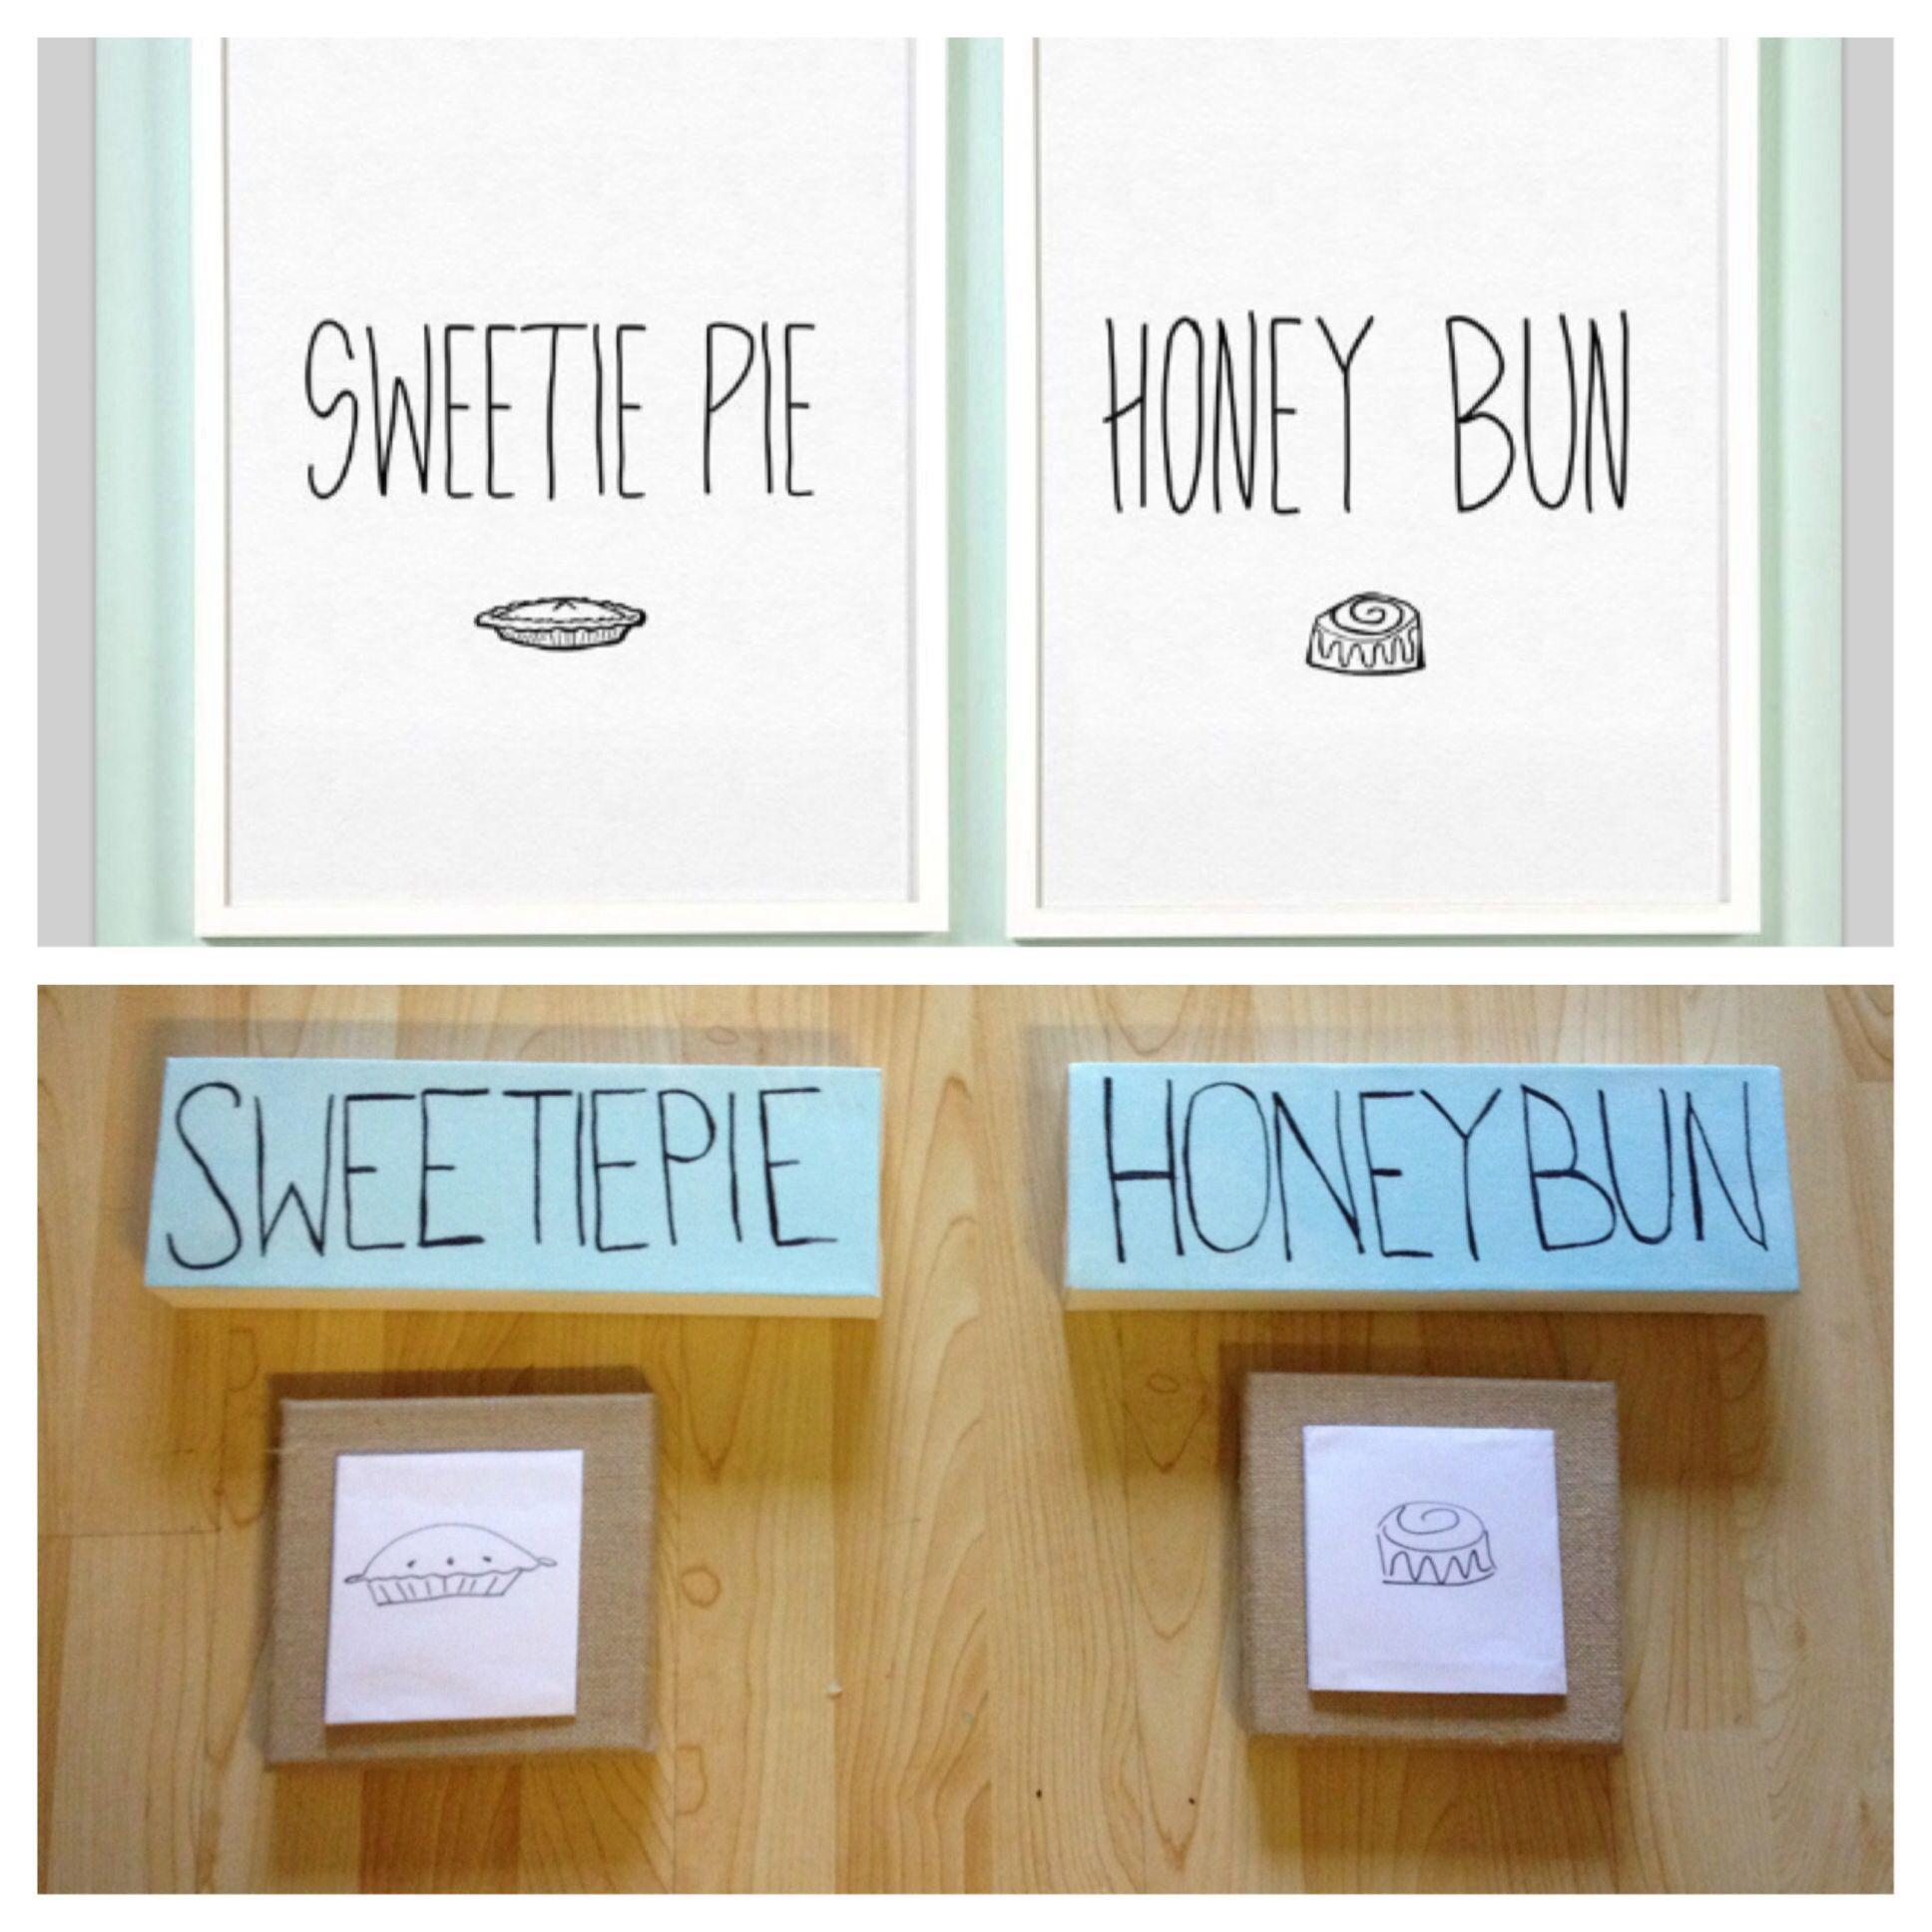 For the bedroom #honeybun #sweetiepie